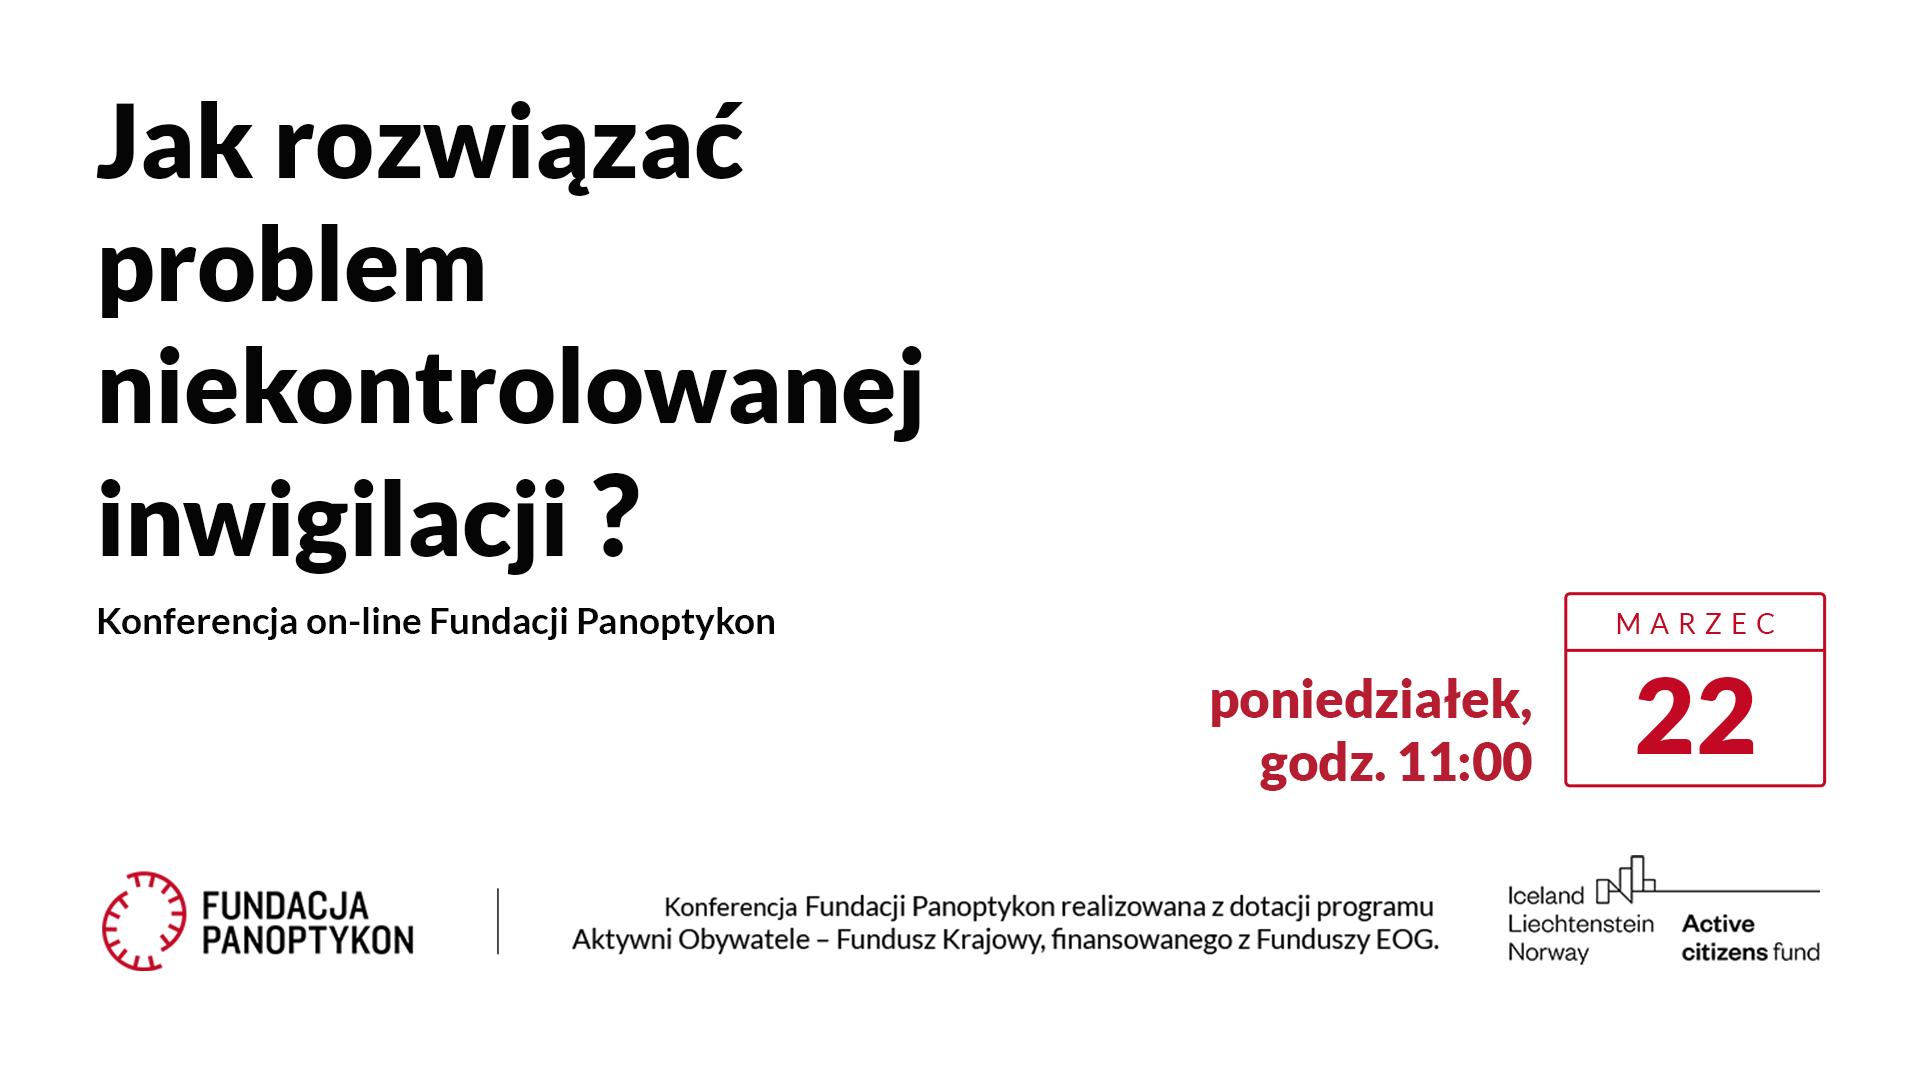 Kampania realizowana z dotacji programu Aktywni Obywatele – Fundusz Krajowy, finansowanego z Funduszy EOG